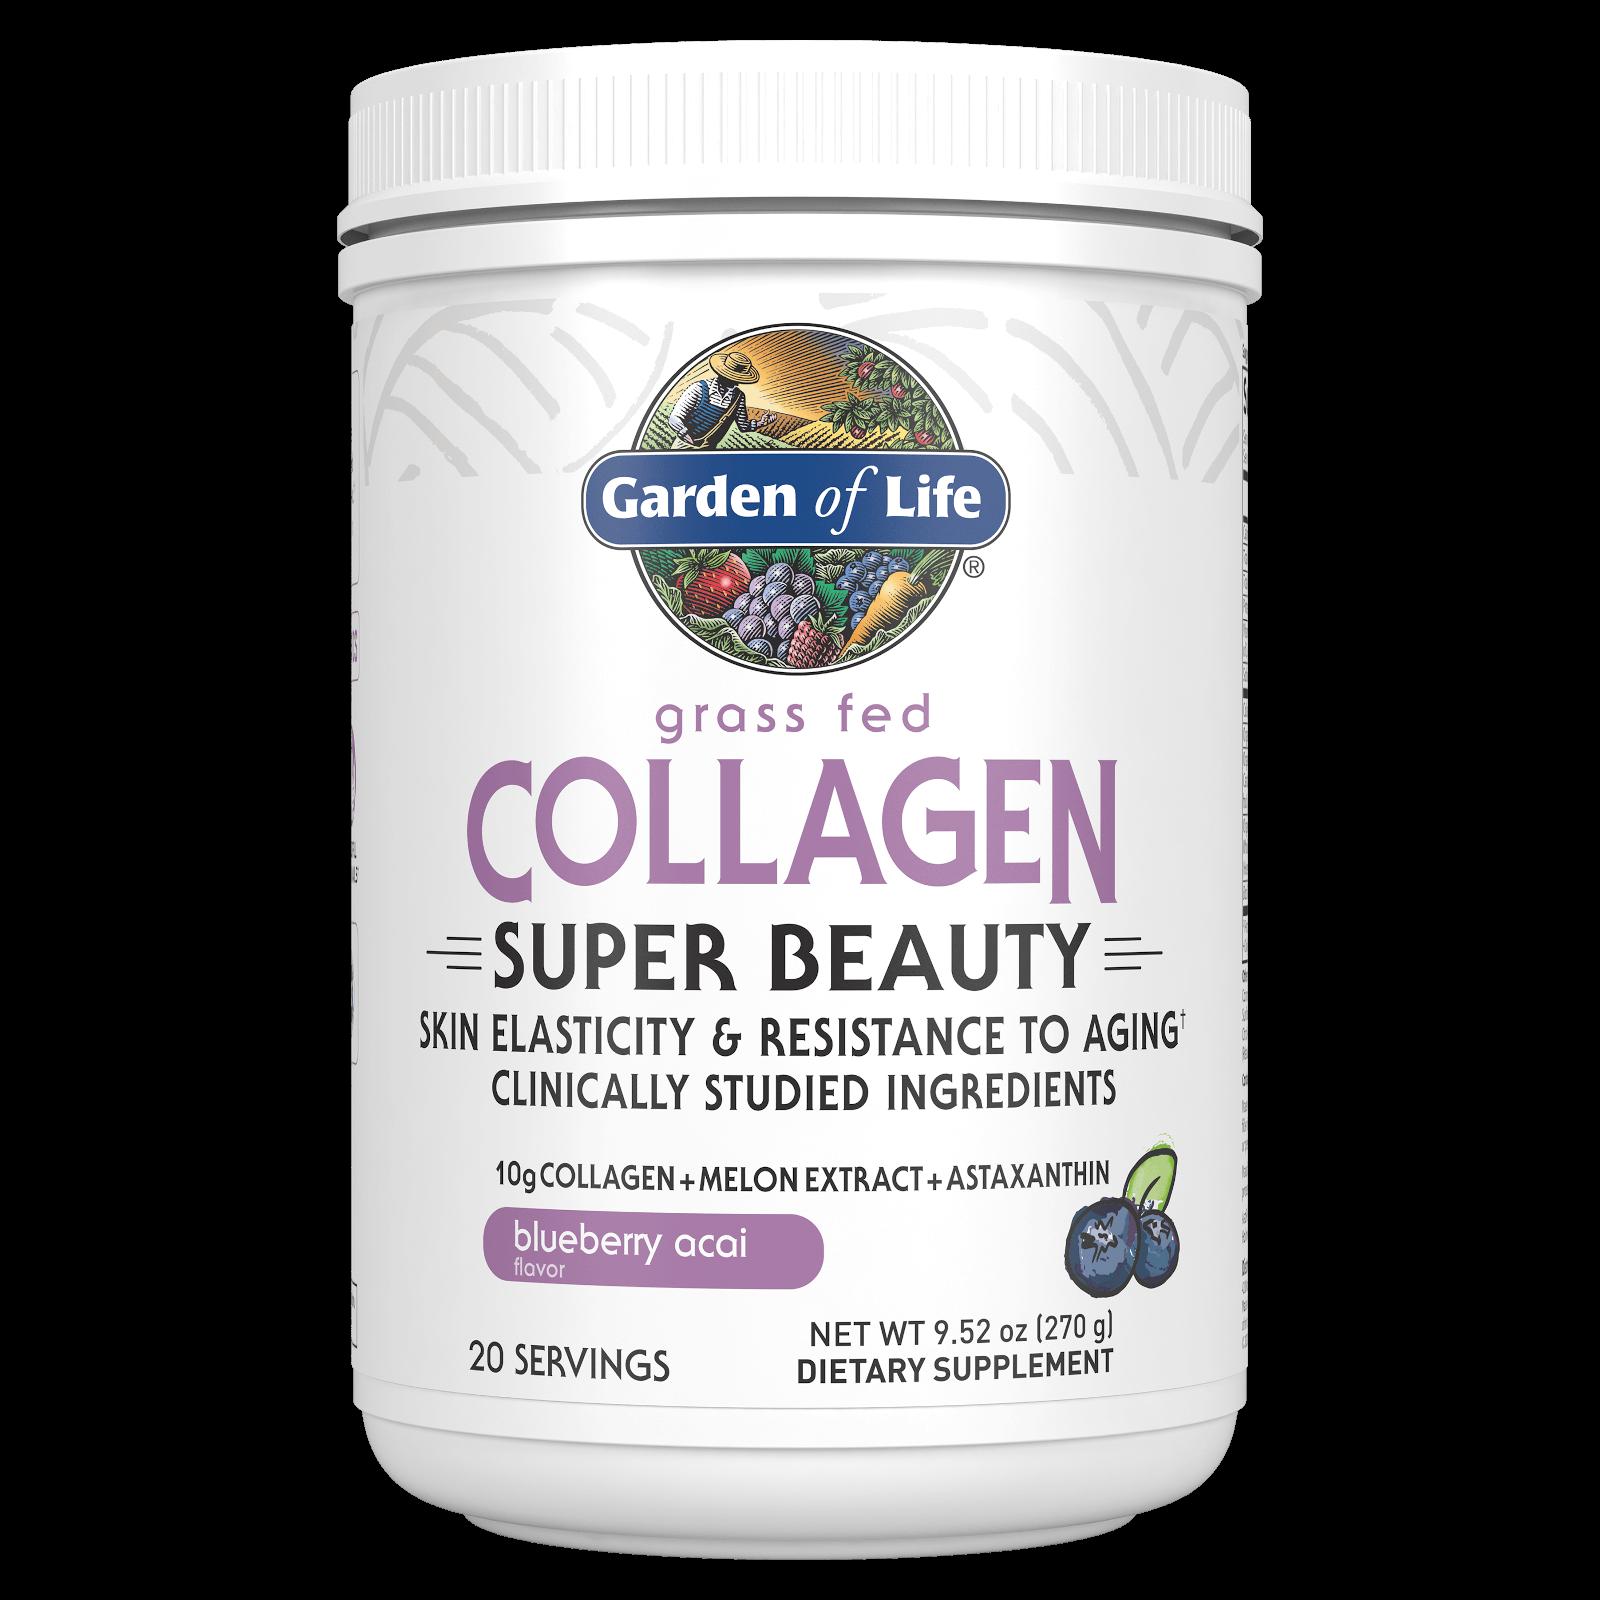 Garden of Life Collagen Super Beauty - Blueberry Acai - 270g